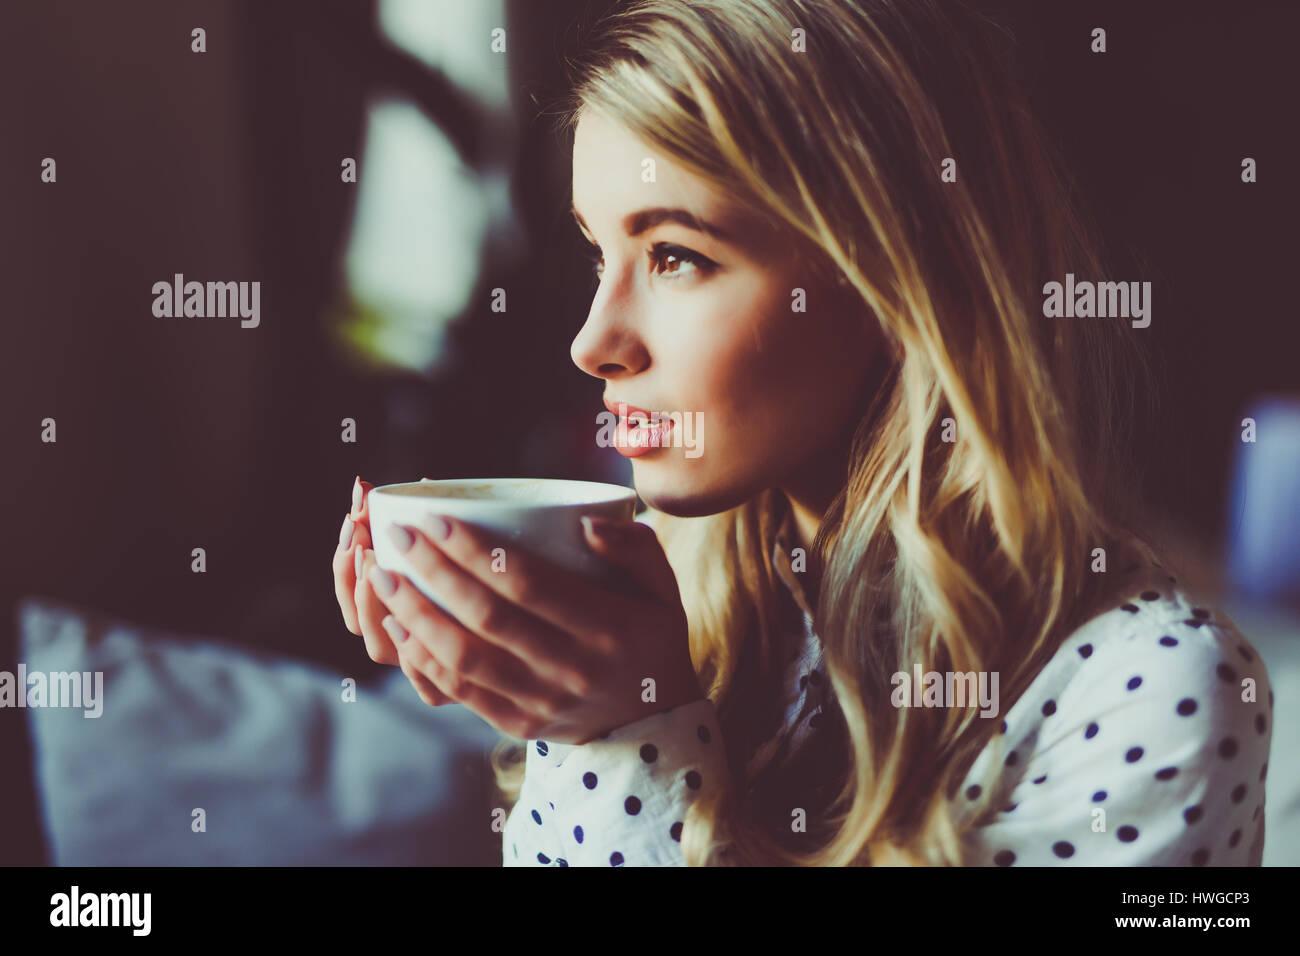 Retrato de joven mujer hermosa beber té y cuidadosamente mirando afuera de la ventana de la cafetería Imagen De Stock